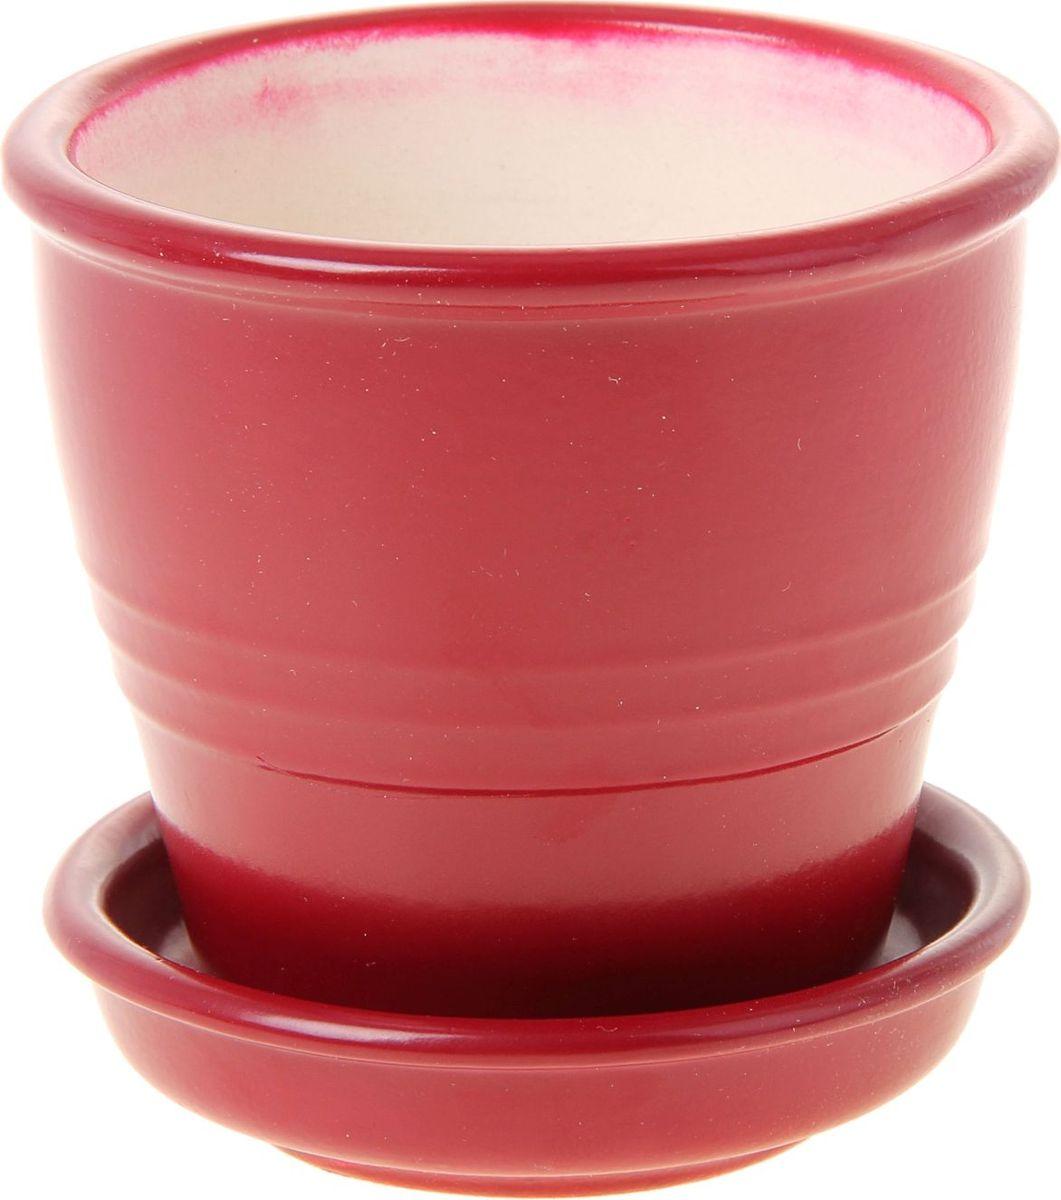 Кашпо Керамика ручной работы Классик, цвет: бордовый, 0,23 л1019387Комнатные растения — всеобщие любимцы. Они радуют глаз, насыщают помещение кислородом и украшают пространство. Каждому из них необходим свой удобный и красивый дом. Кашпо из керамики прекрасно подходят для высадки растений: за счёт пластичности глины и разных способов обработки существует великое множество форм и дизайновпористый материал позволяет испаряться лишней влагевоздух, необходимый для дыхания корней, проникает сквозь керамические стенки! #name# позаботится о зелёном питомце, освежит интерьер и подчеркнёт его стиль.